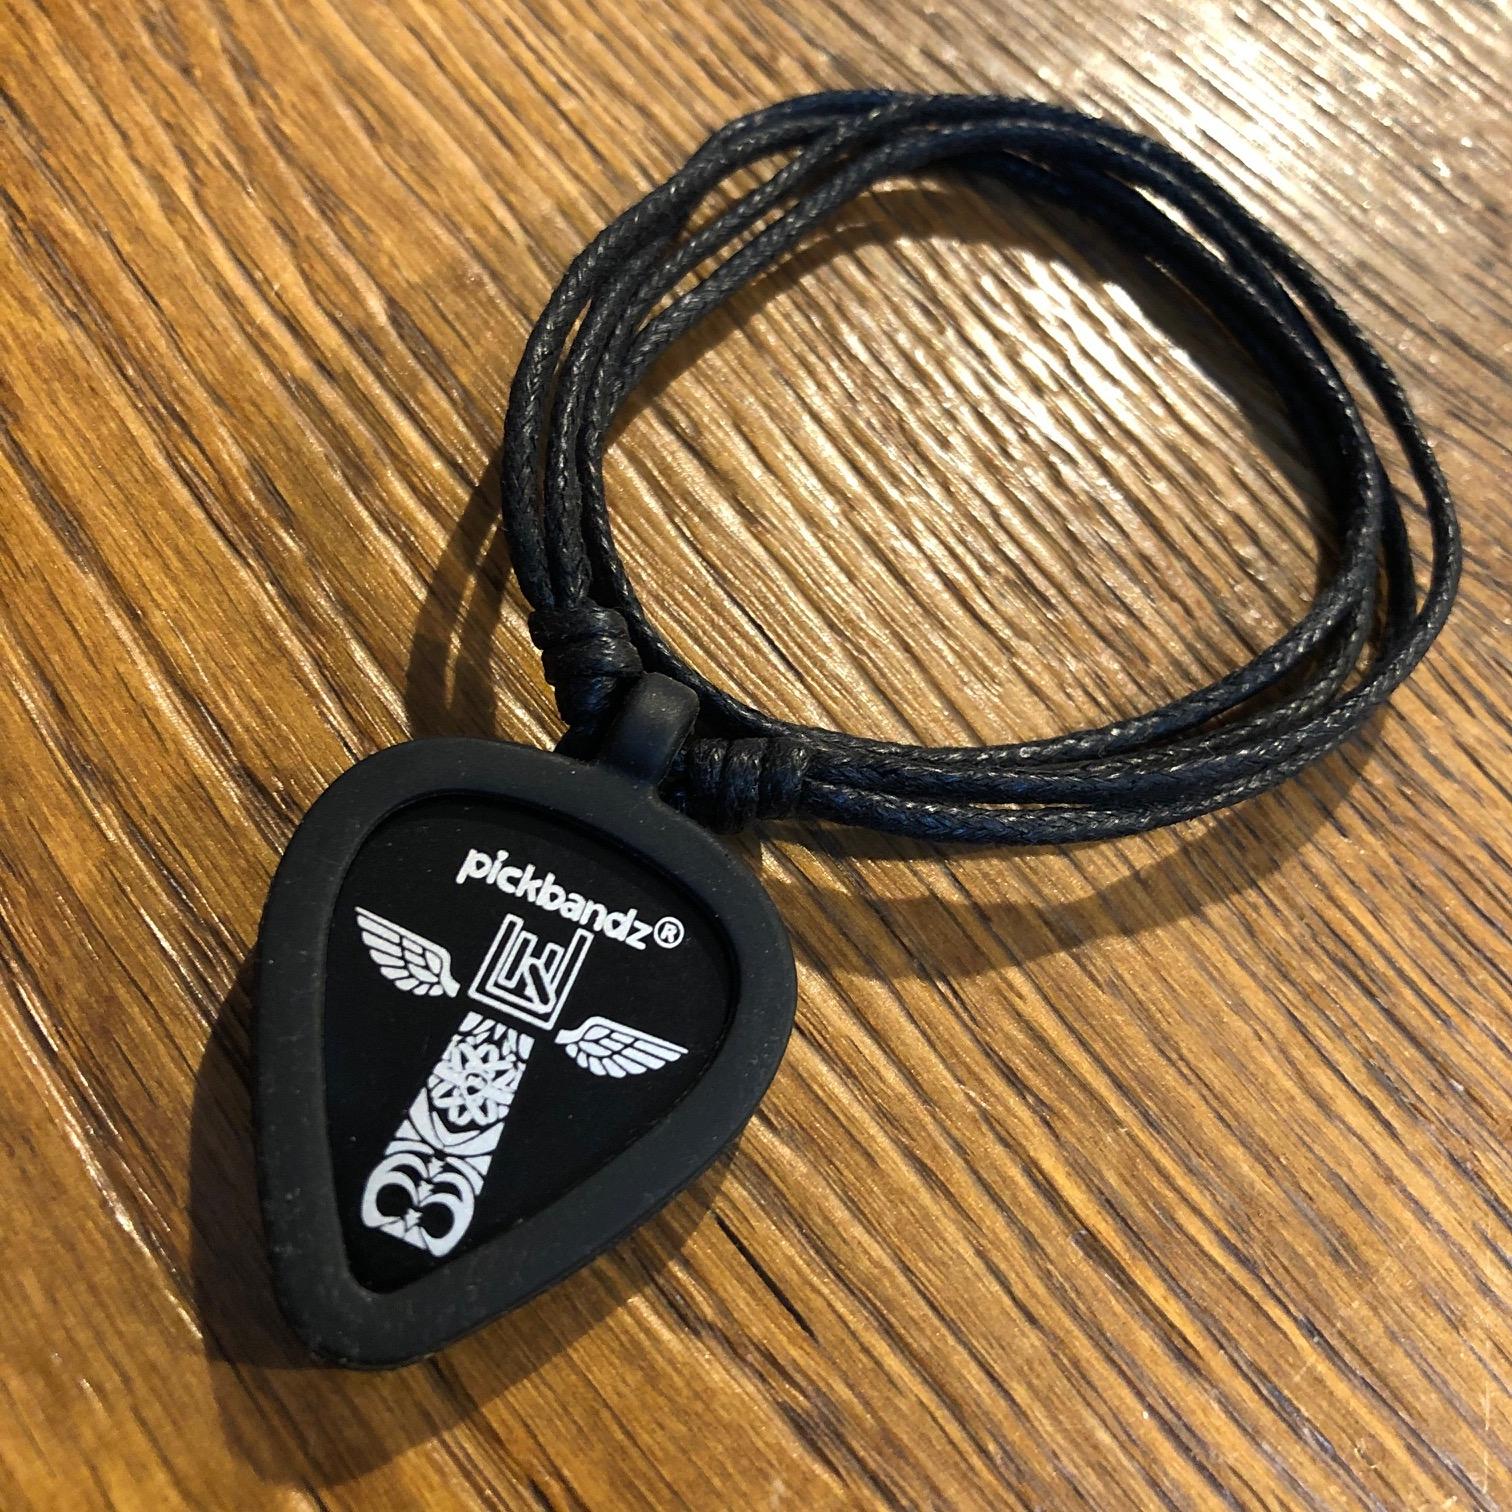 Pickbandz Halsband Epic Black